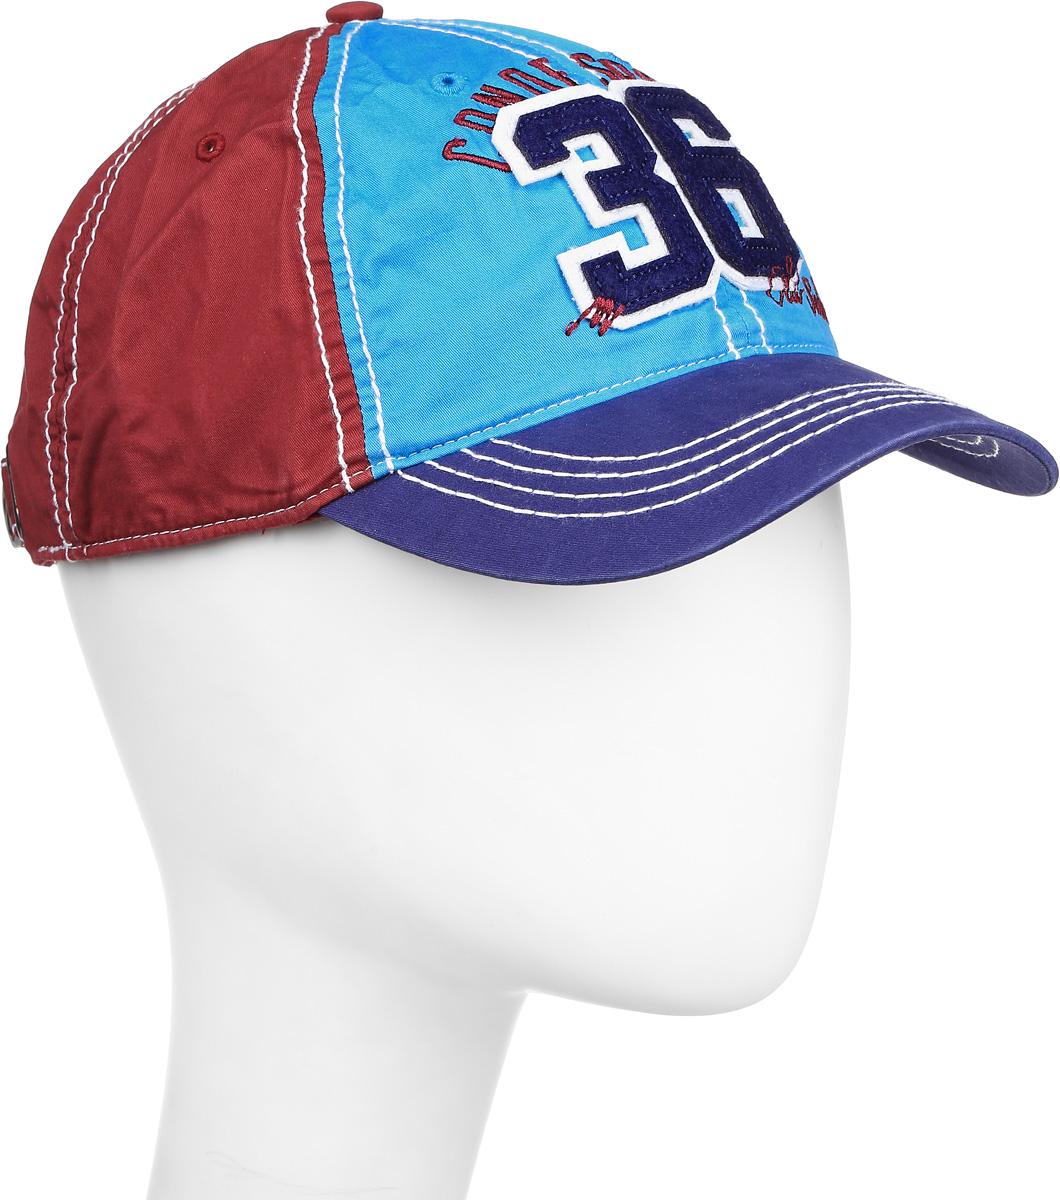 Бейсболка мужская Canoe Eol, цвет: темно-синий, бордовый, голубой. 1962794. Размер 58/601962794Практичная и стильная мужская бейсболка Canoe Eol, выполненная из высококачественного хлопка, идеально подойдет для активного отдыха и обеспечит надежную защиту головы от солнца. Она имеет перфорацию, обеспечивающую необходимую вентиляцию. Спереди бейсболка оформлена нашивкой из мягкого текстильного материала в виде цифр 36 и надписью Canoe Sport. Бейсболка украшена декоративной отстрочкой и вставками контрастного цвета.Объем изделия регулируется ремешком на удобной стальной защелке, украшенной декоративными вырубками. Такая бейсболка станет отличным аксессуаром для занятий спортом или дополнит ваш повседневный образ.